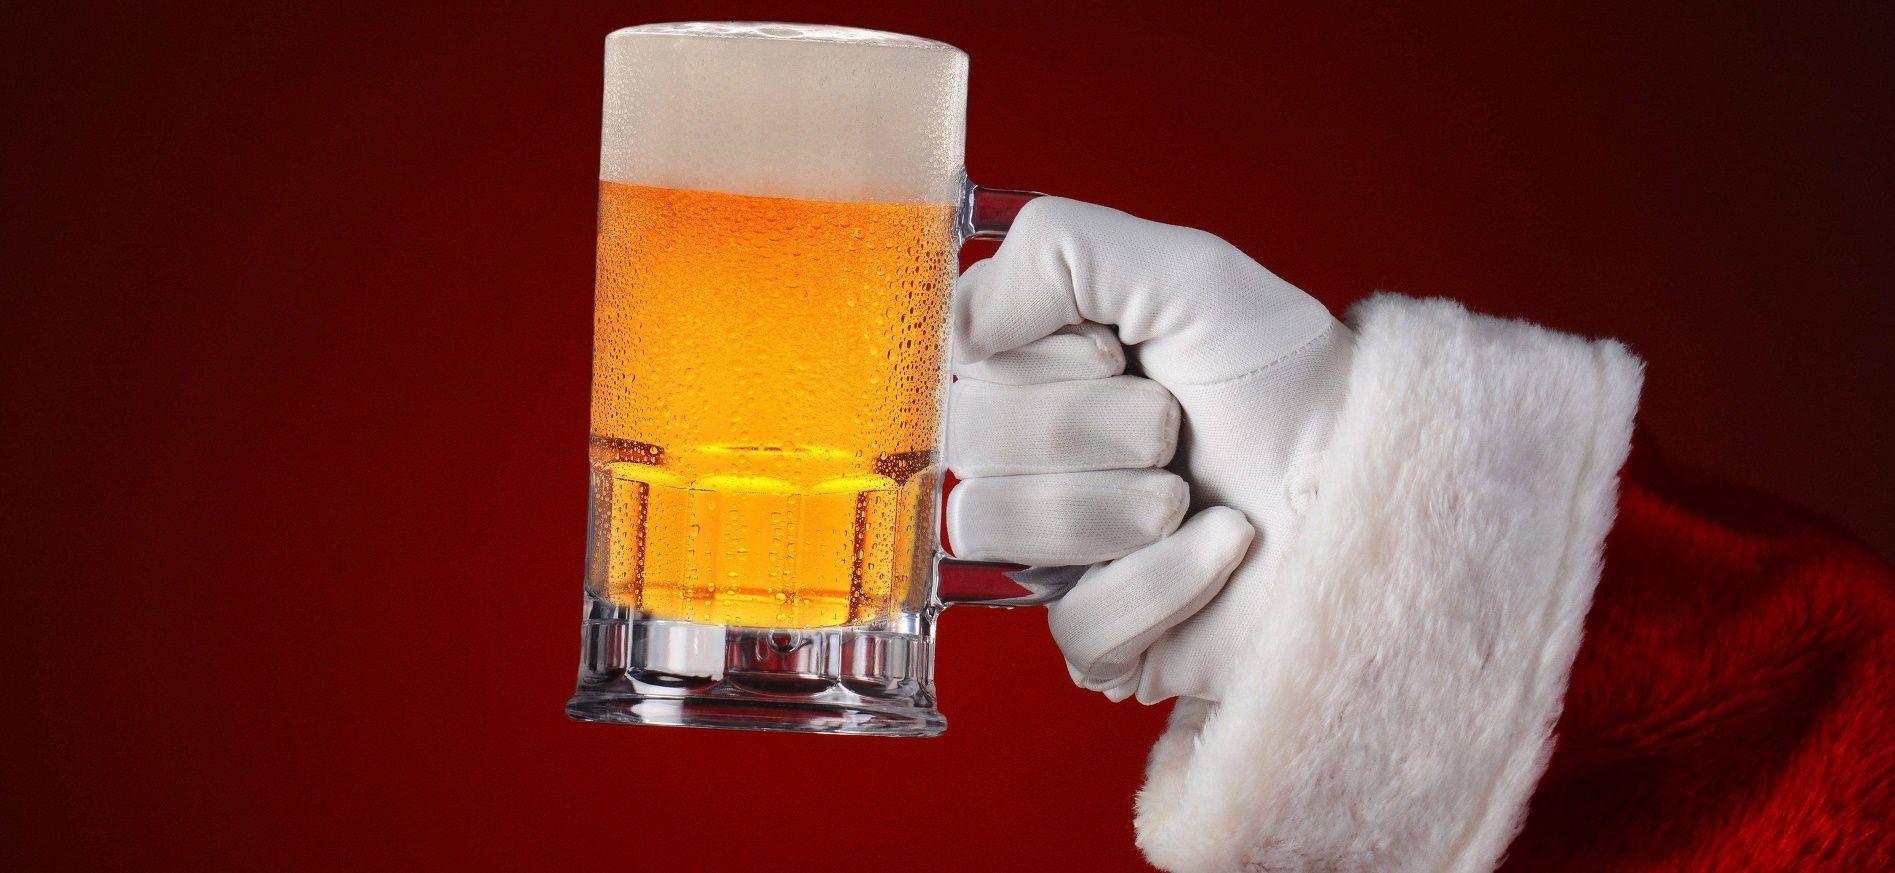 Calendario Avvento Birra.Berry Christmas Il Calendario Dell Avvento Per Amanti Della